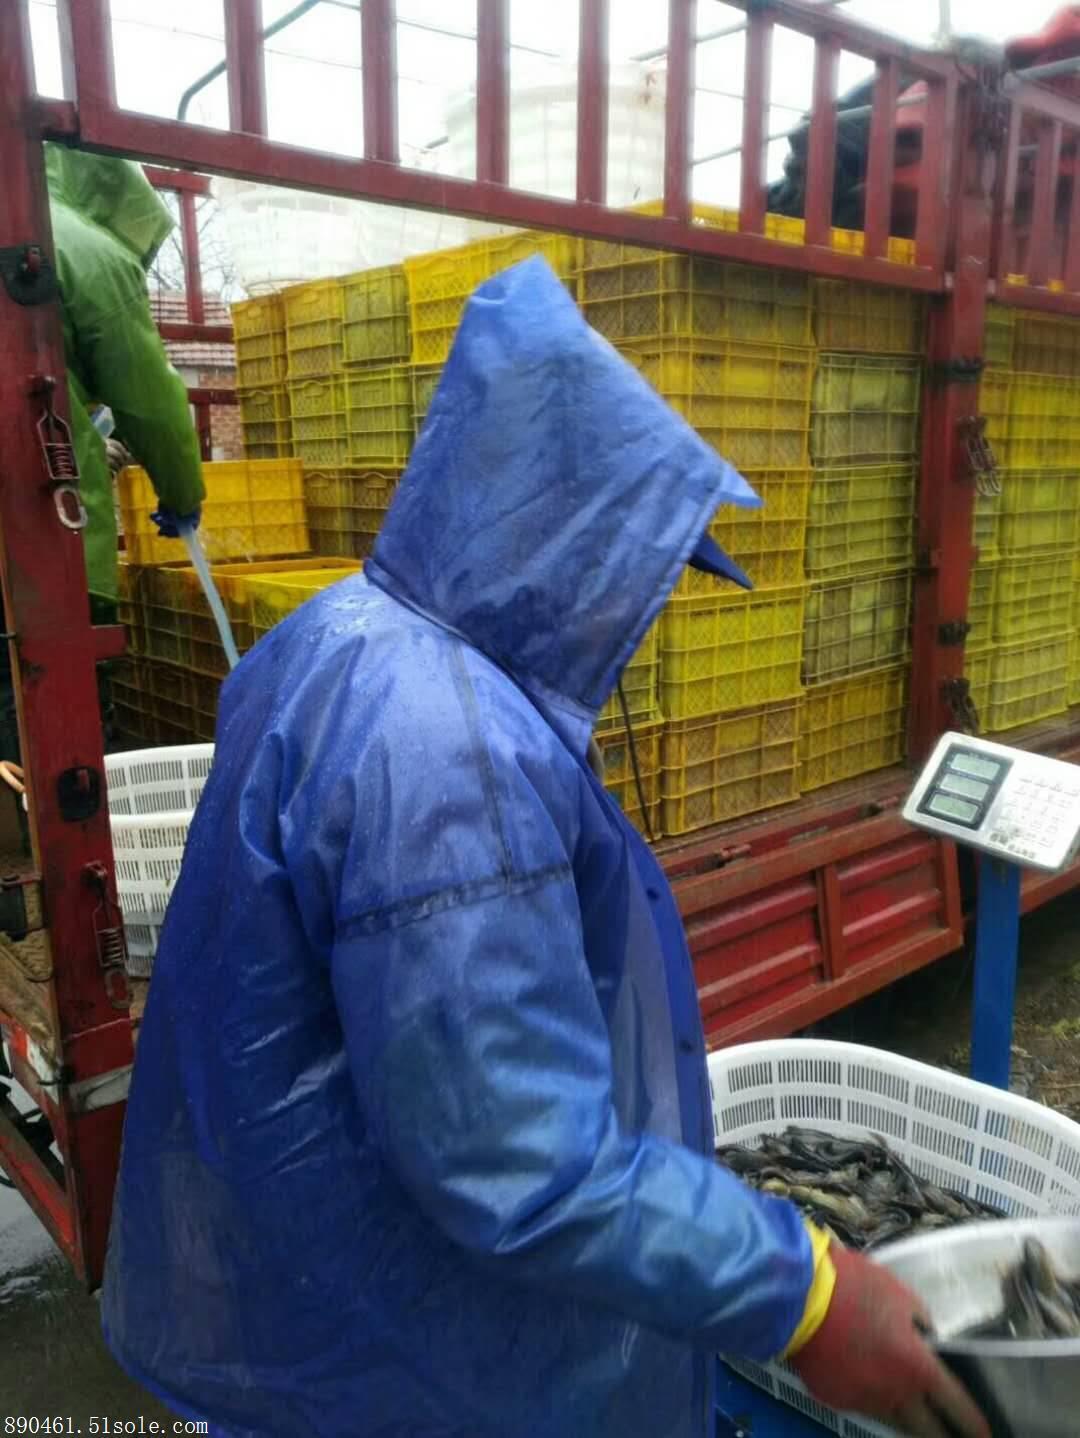 江苏泥鳅苗养殖加盟合作